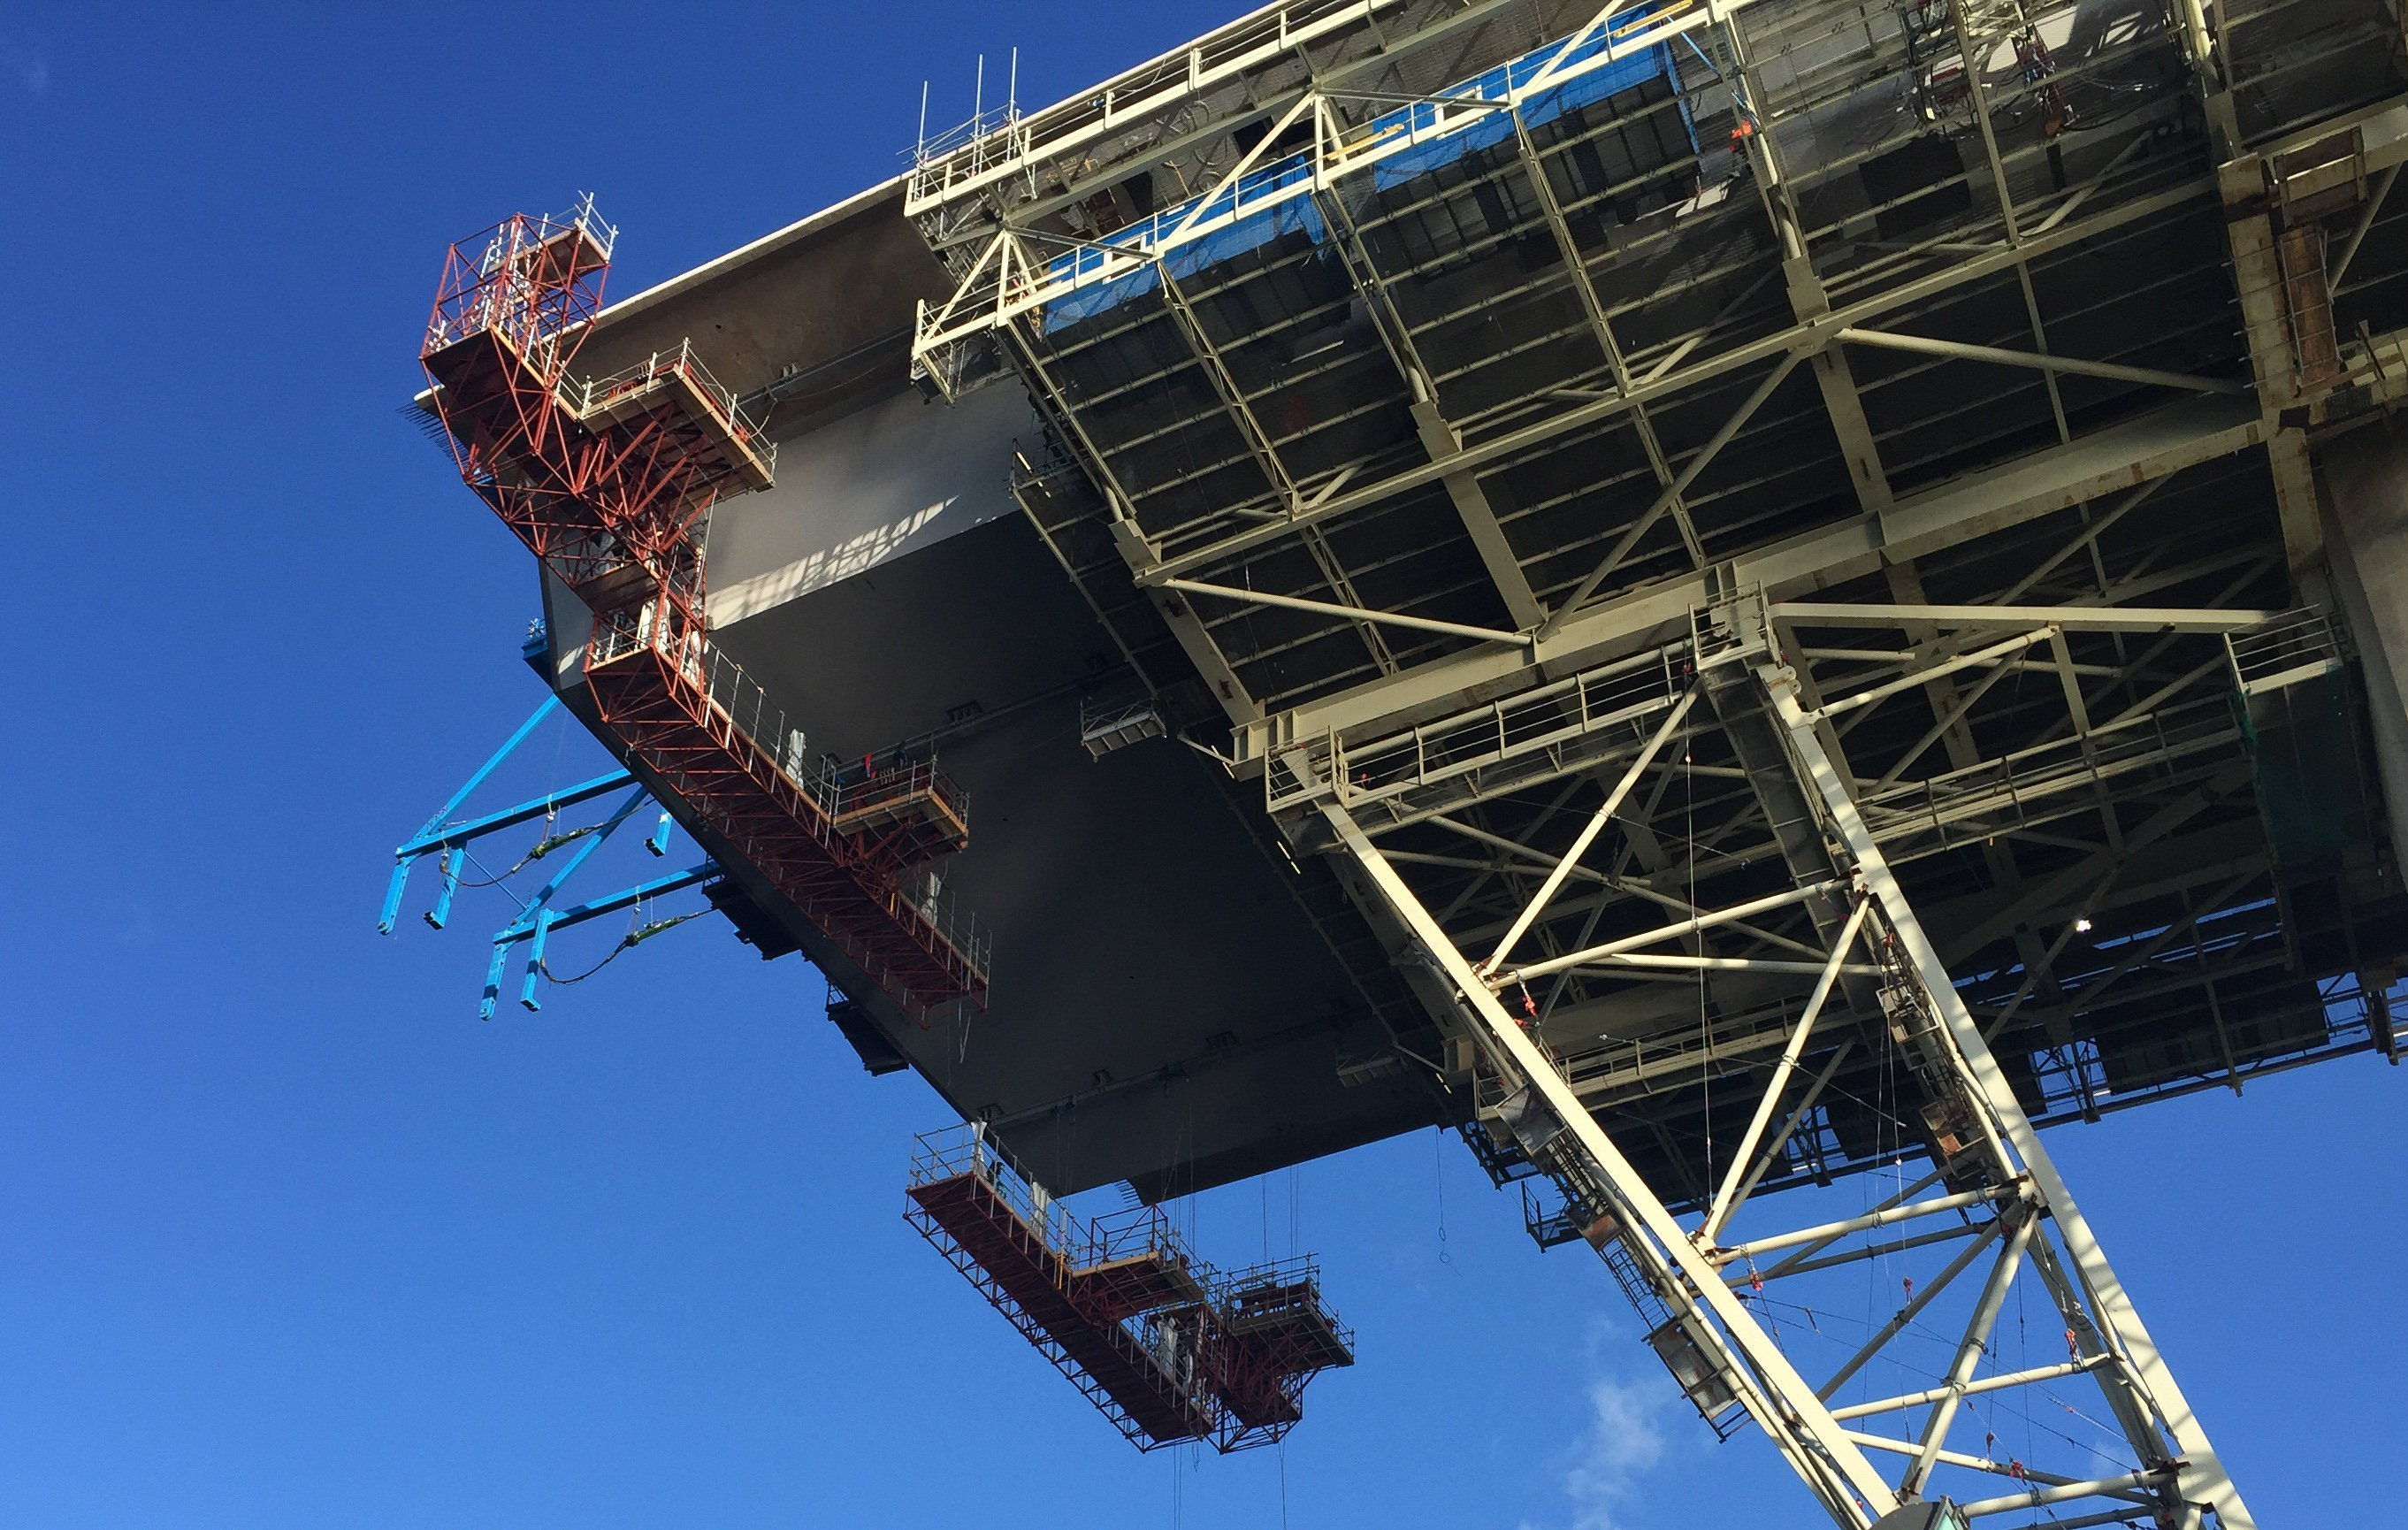 Queensferry construction gantries